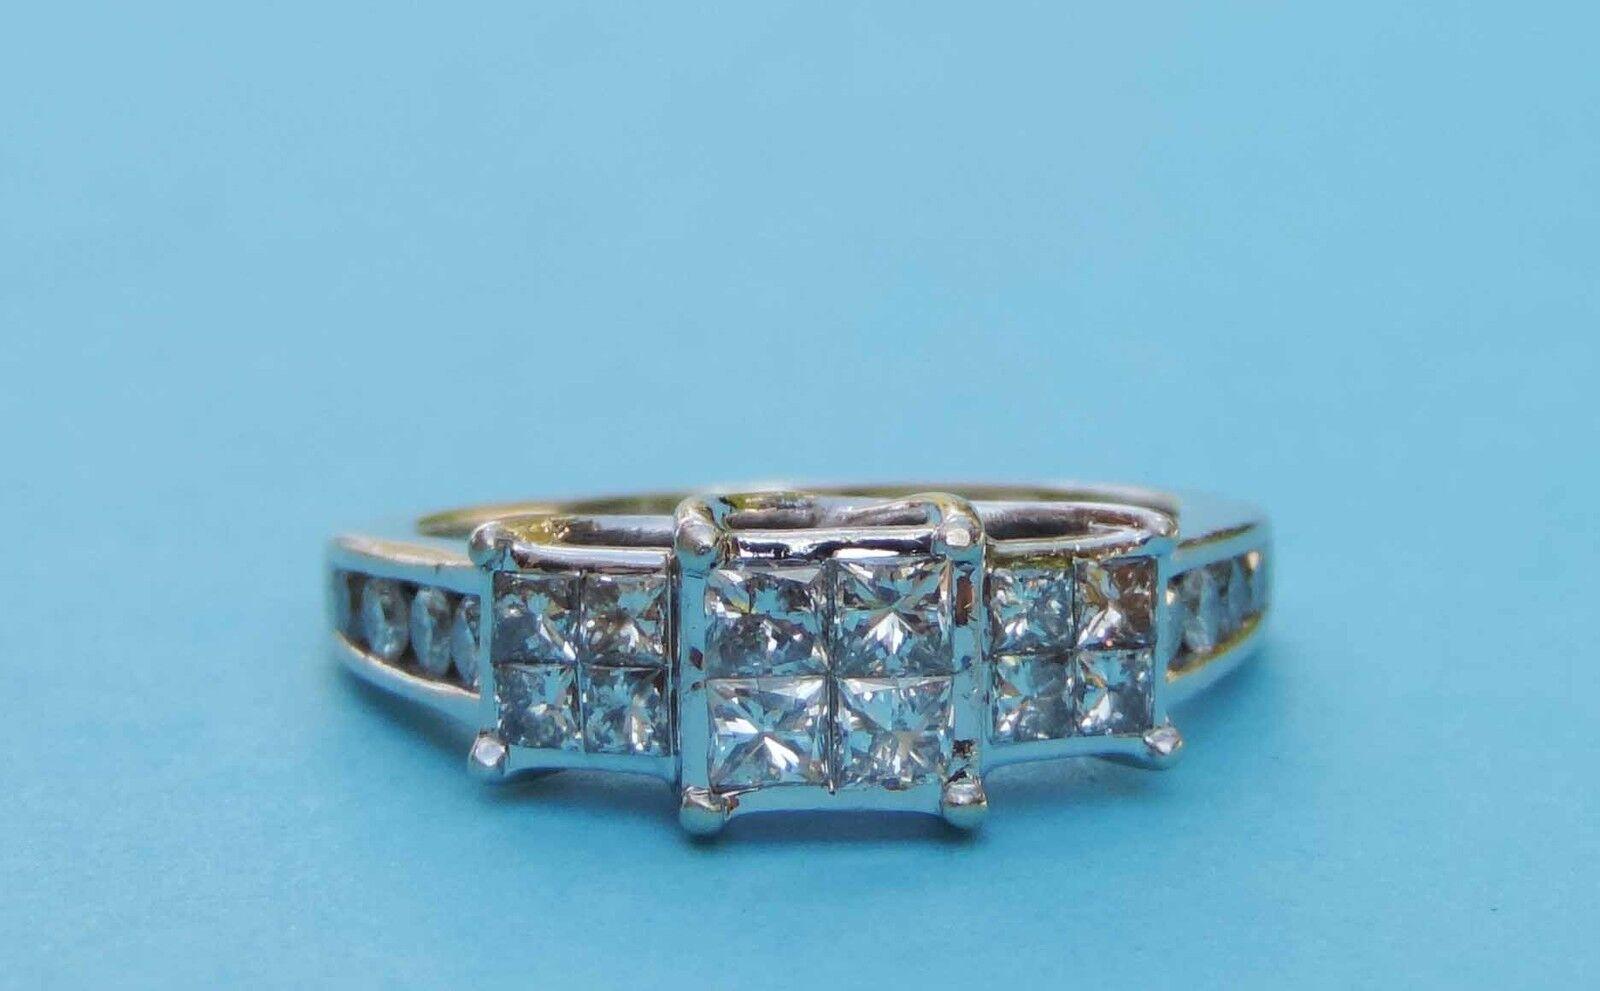 Ladies Princess Diamond Cluster Ring - 1 Carat Total Weight - 10k White gold